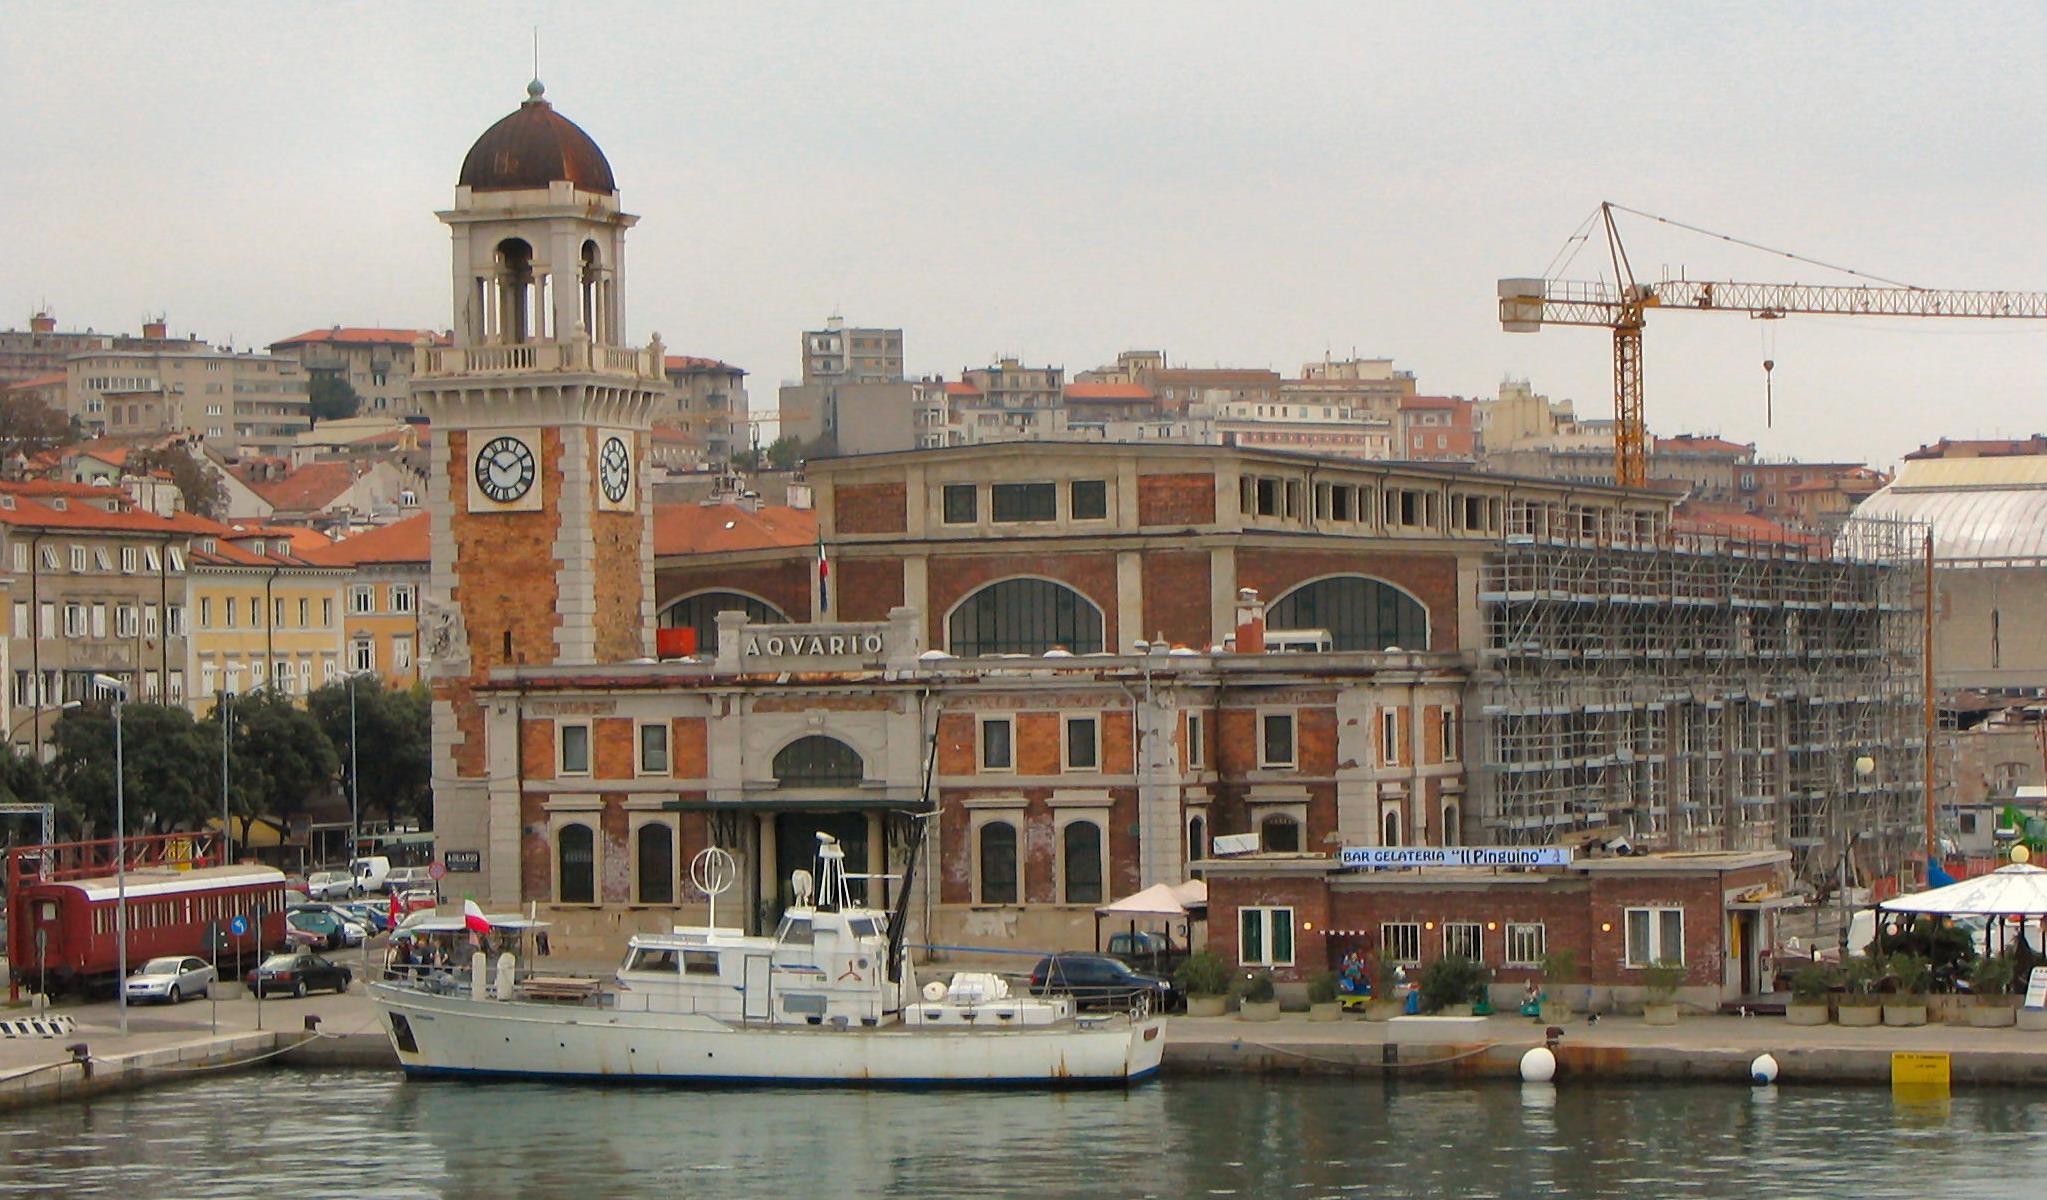 Da Gomorra al Padrino, da Coppola a Tornatore e Salvatores: sono tanti i registi che hanno scelto Trieste come set. Scopriamoli con una regista